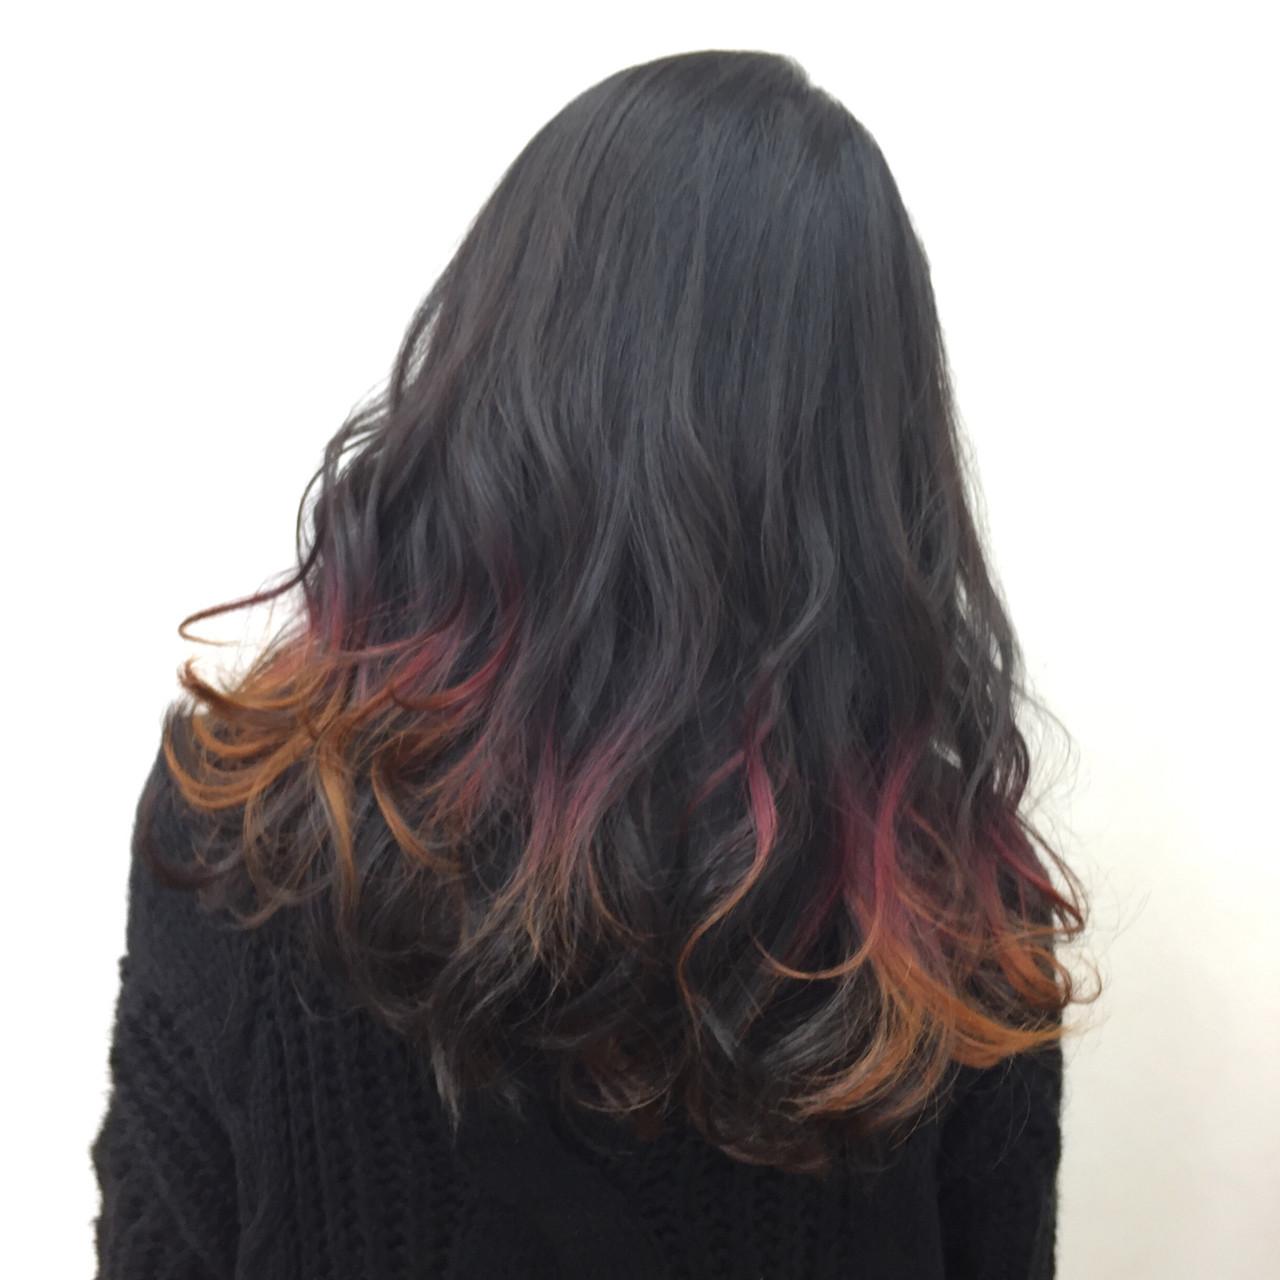 イエロー モード ロング オレンジ ヘアスタイルや髪型の写真・画像